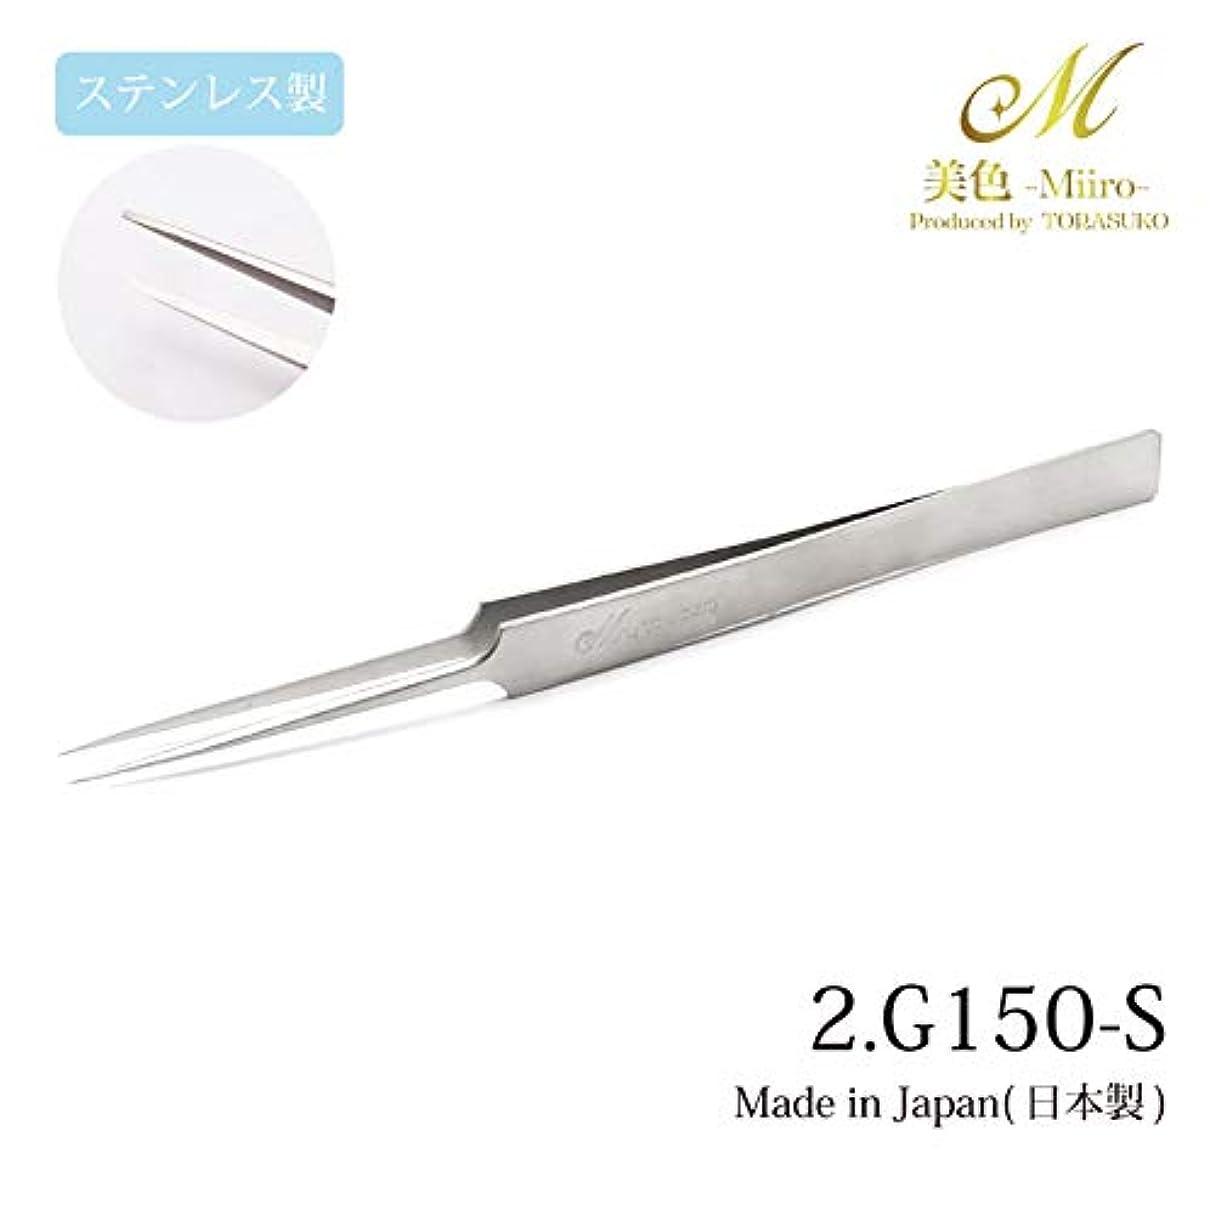 憂鬱な虐待脚日本製 ツイーザー 2.G150-S